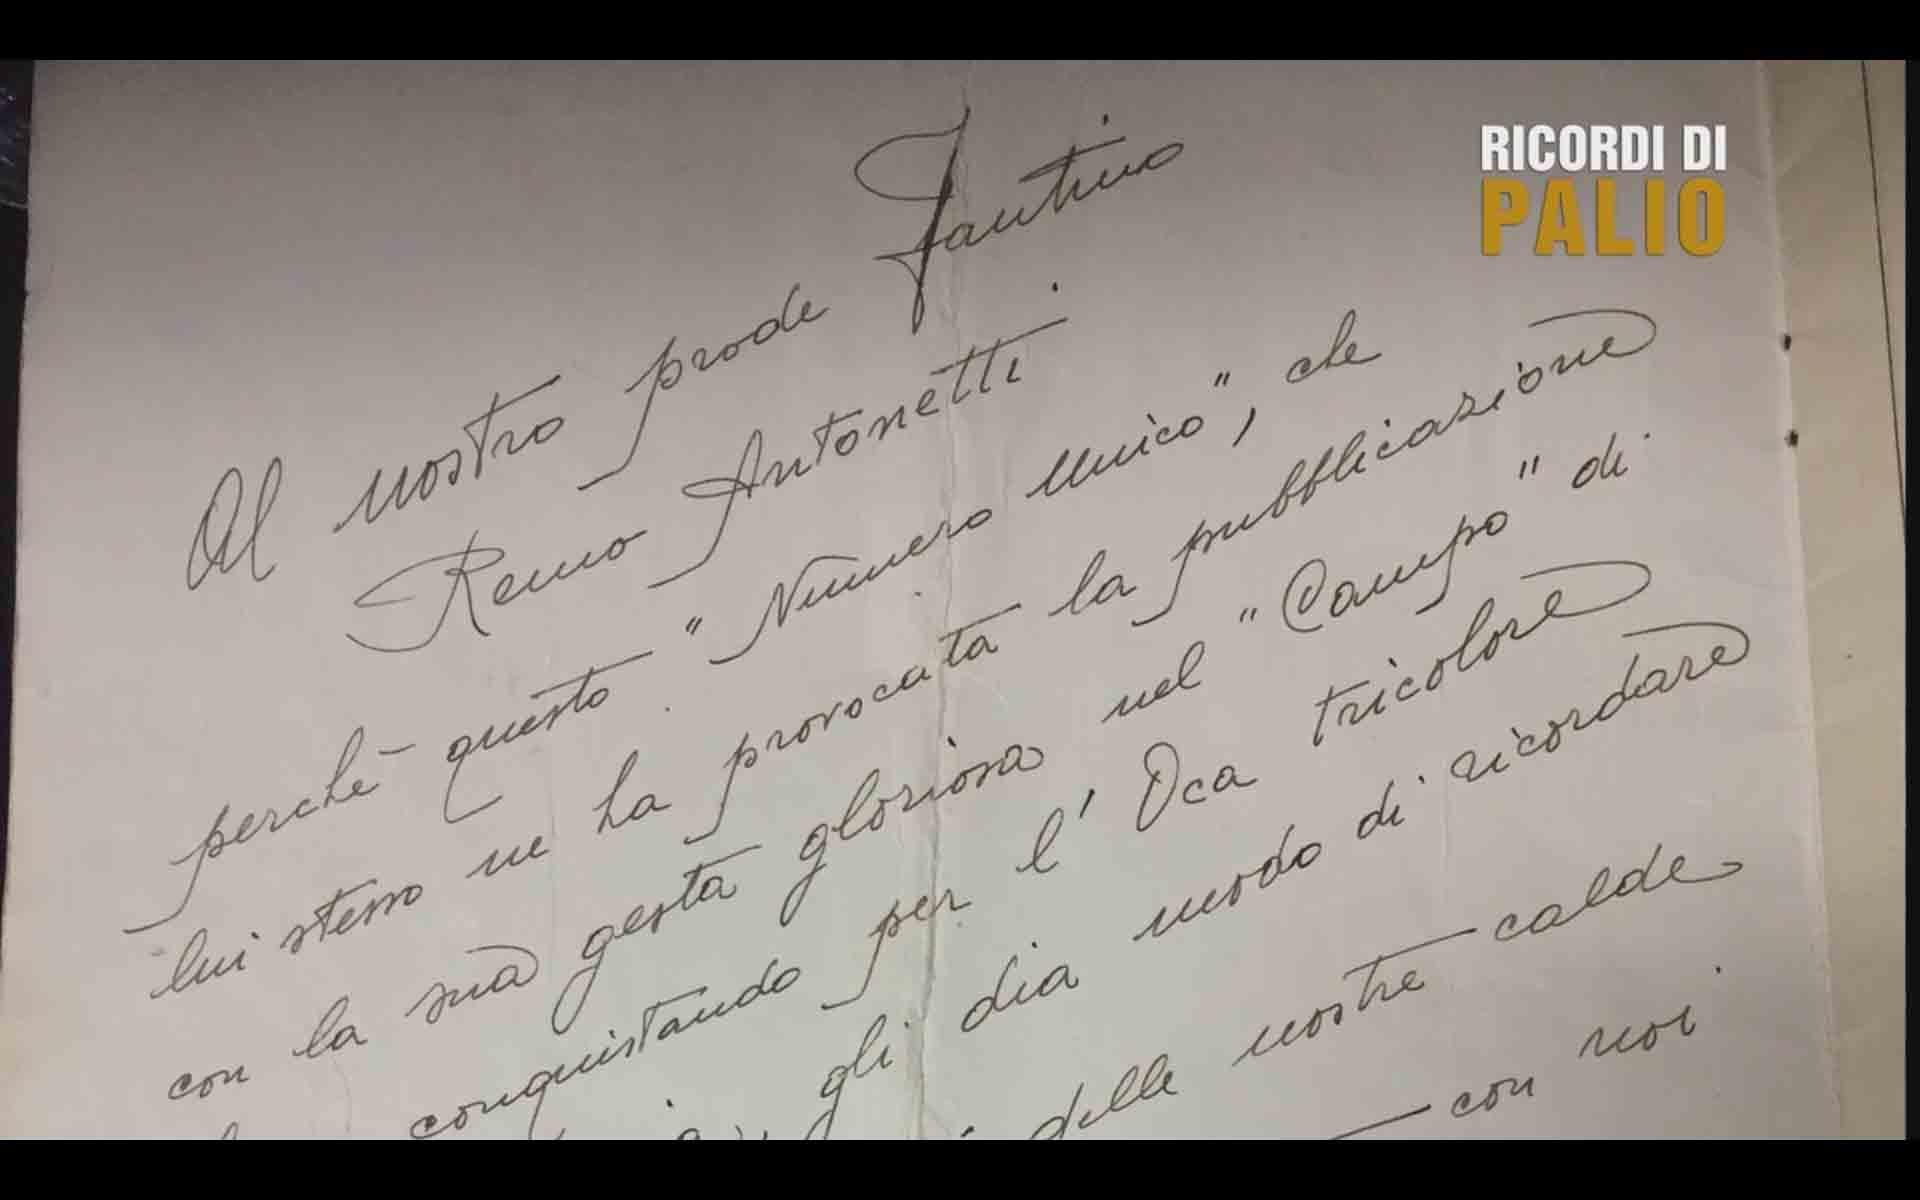 Dedica della Nobile Contrada dell'Oca a Remo Antonetti detto Rompighiaccio dopo la Vittoria del Palio del 16 agosto 1952